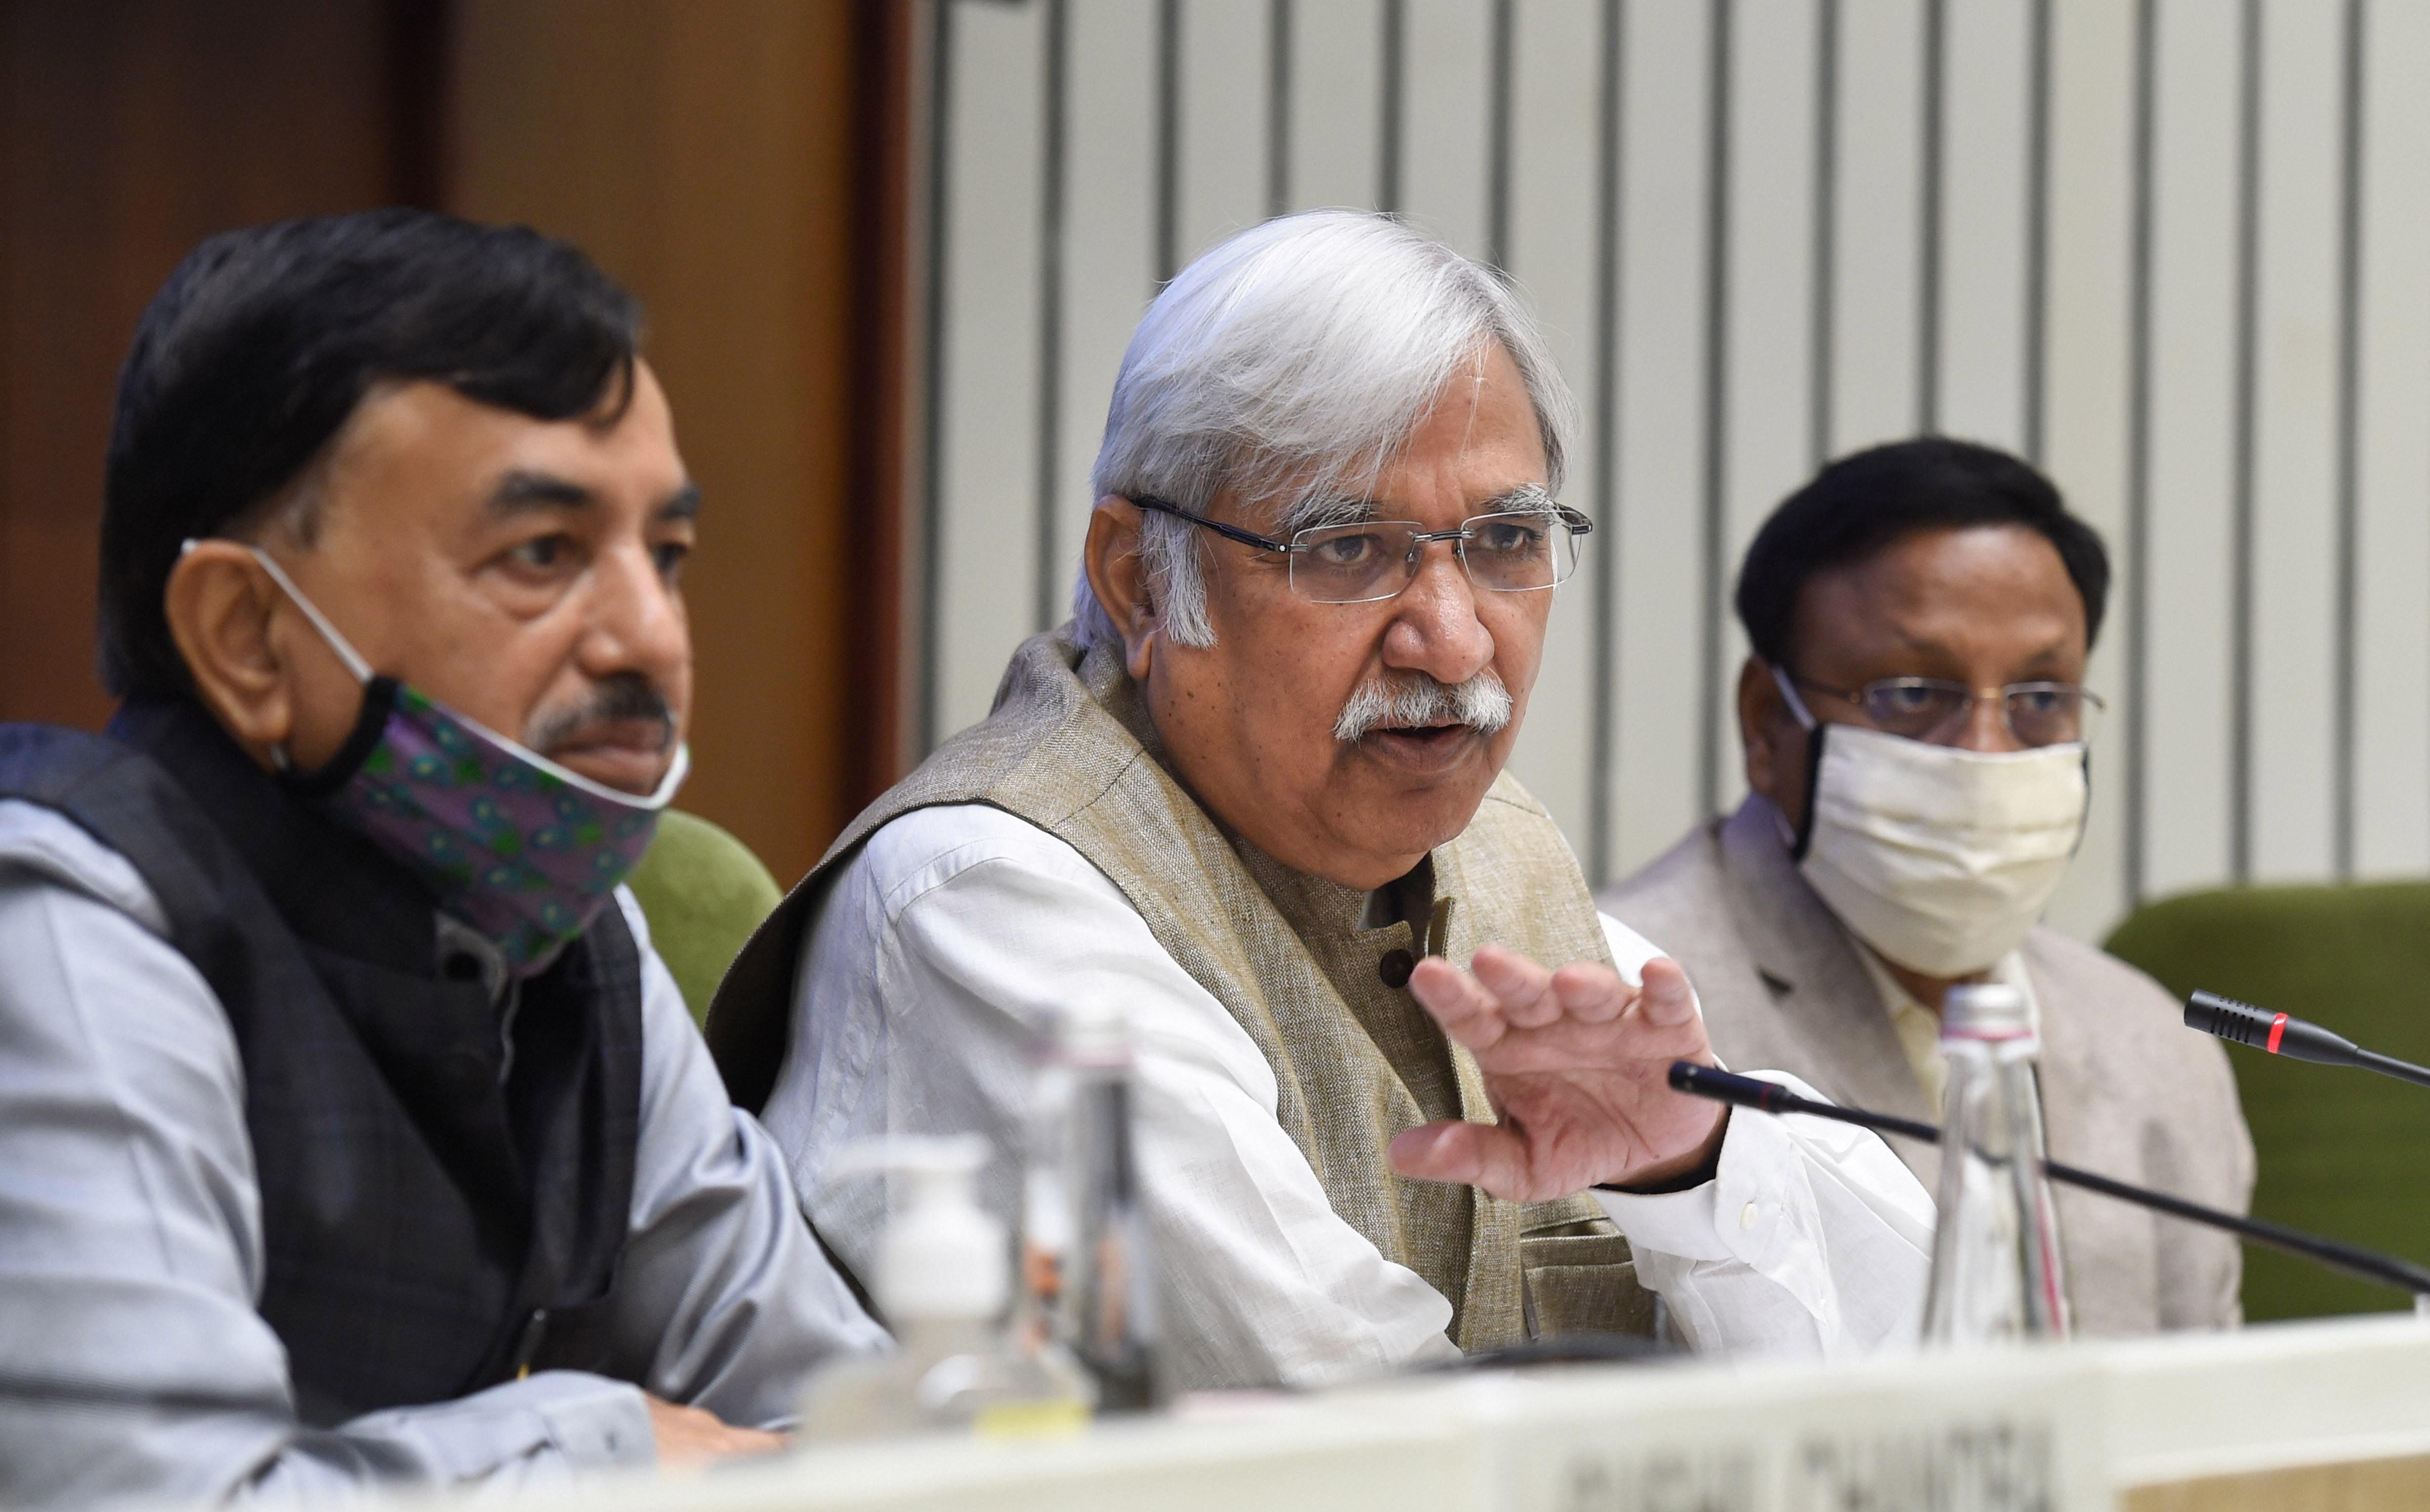 बिहार चुनाव की तारीखों की घोषणा करते मुख्य चुनाव आयुक्त सुनील अरोड़ा. (फोटो: पीटीआई)